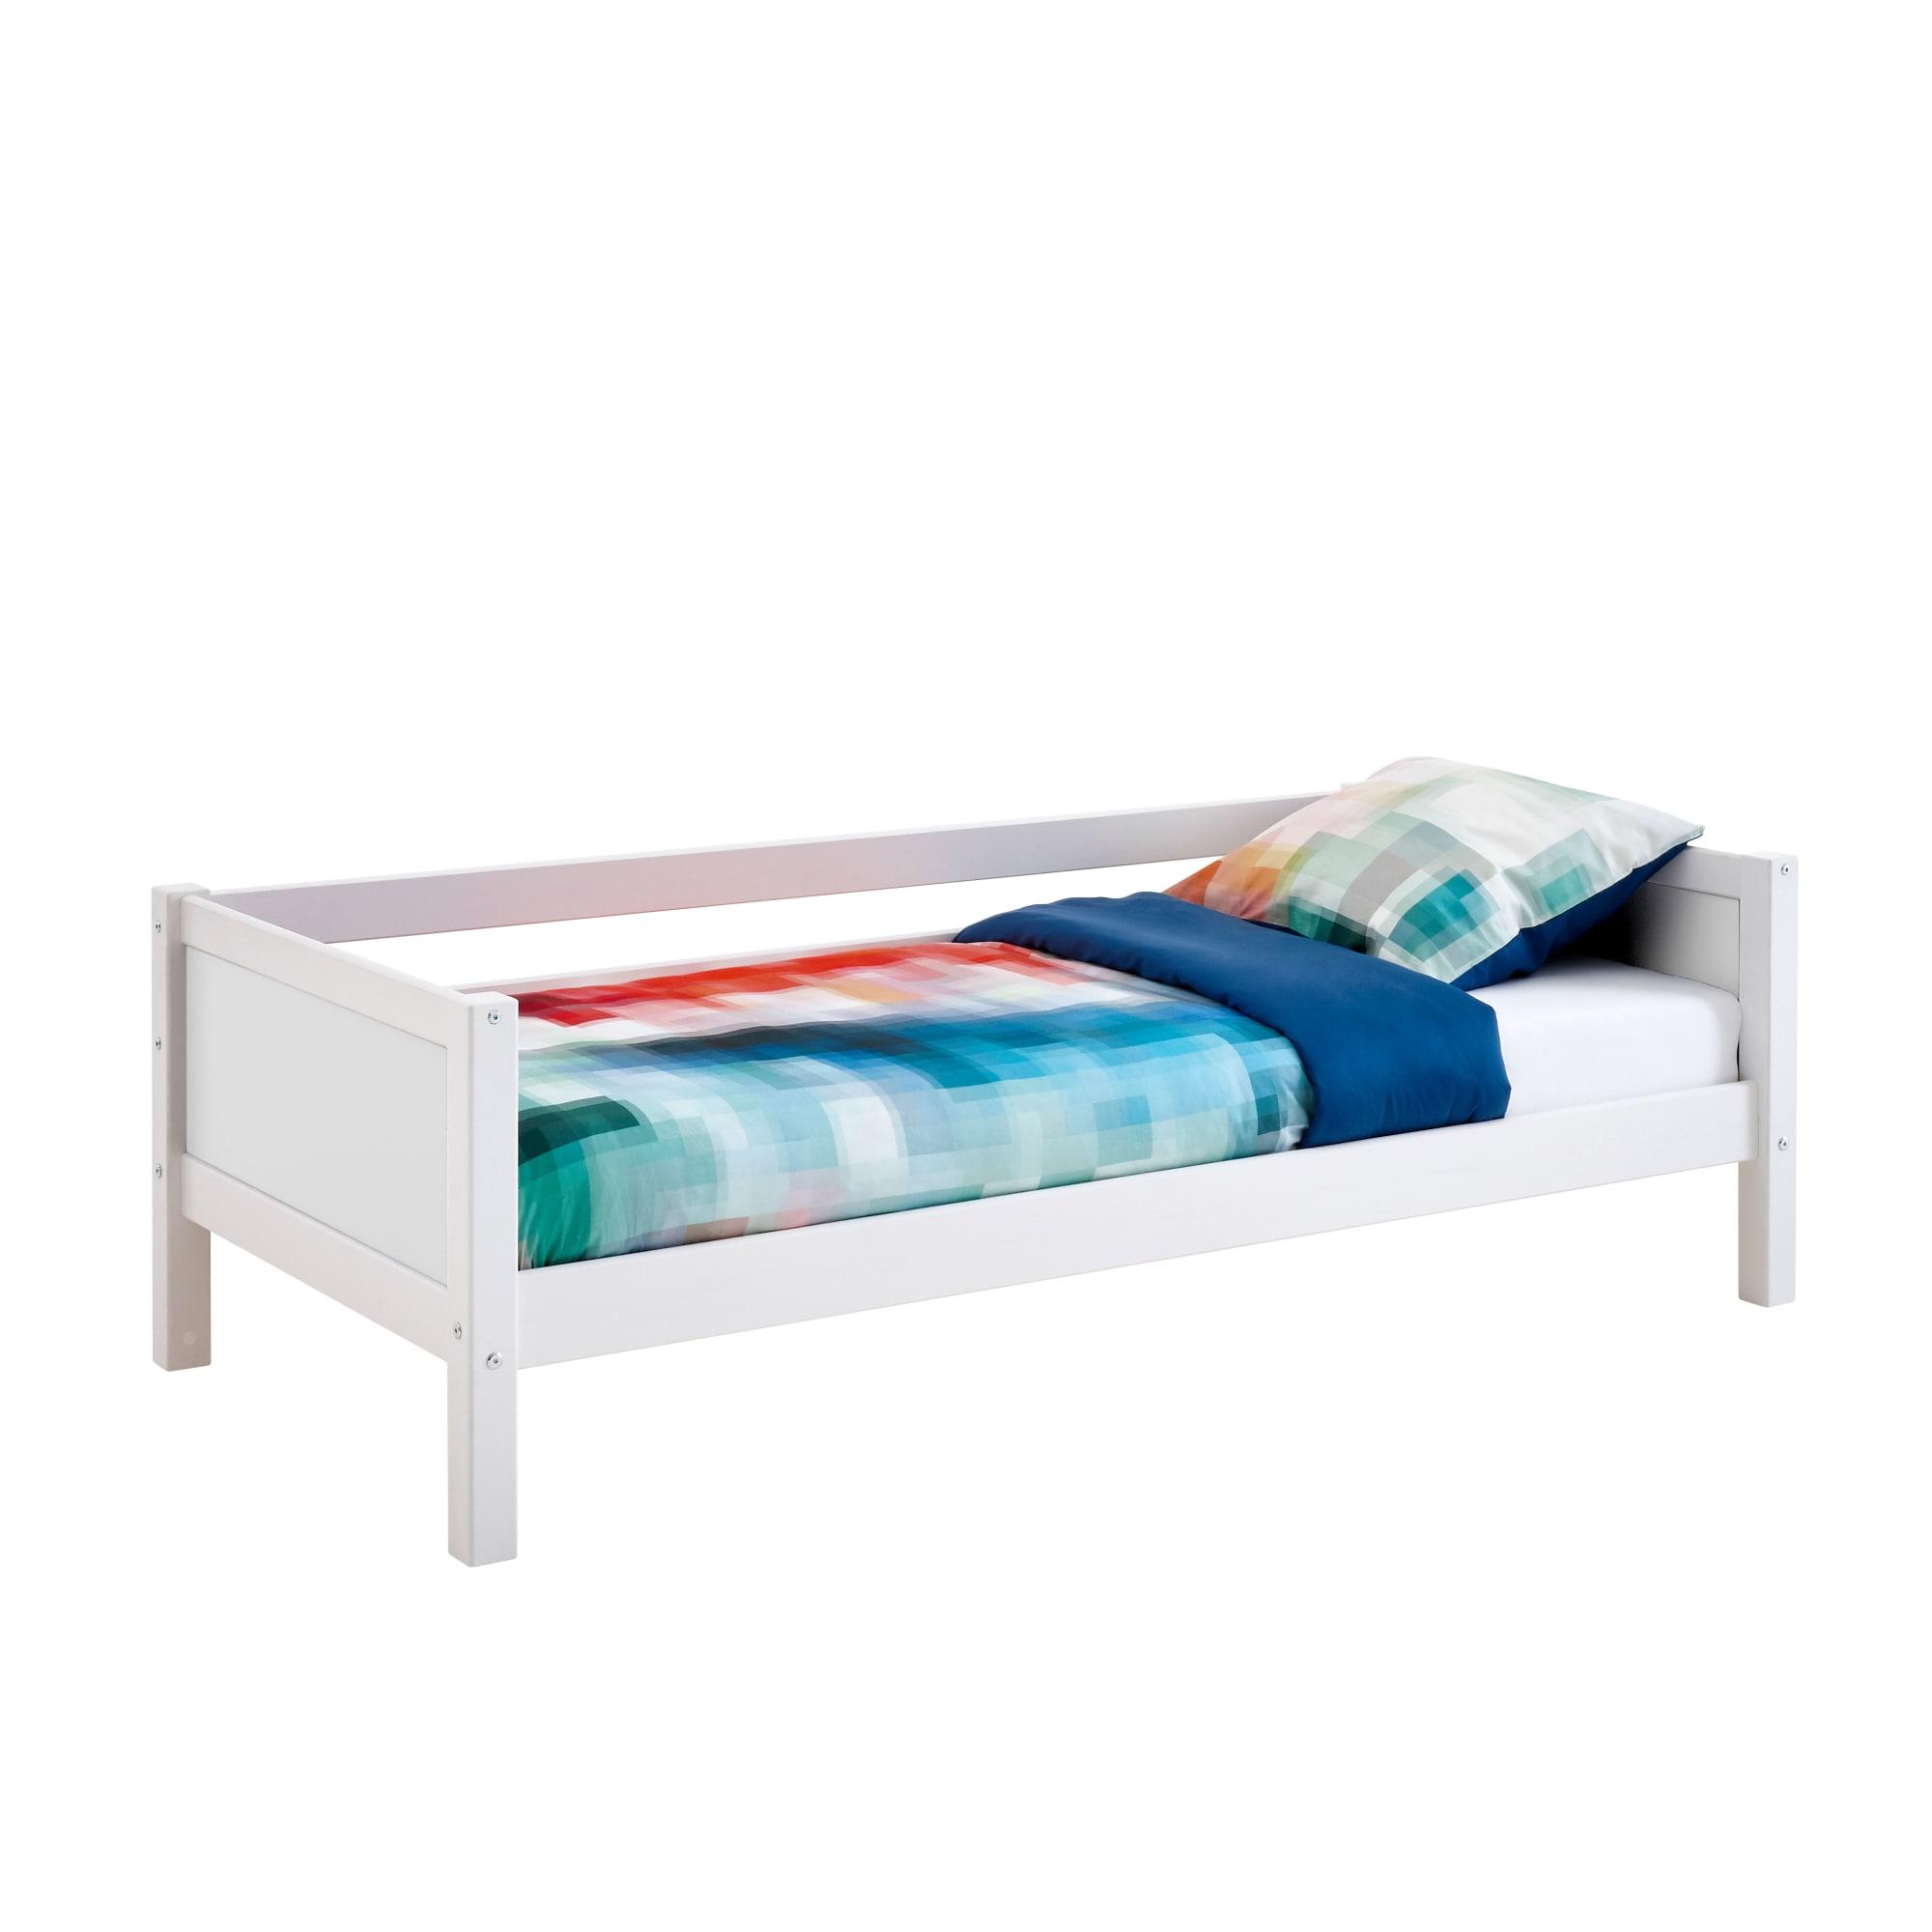 90 x 200 cm - Med sengehest til den ene side og hvide gavle